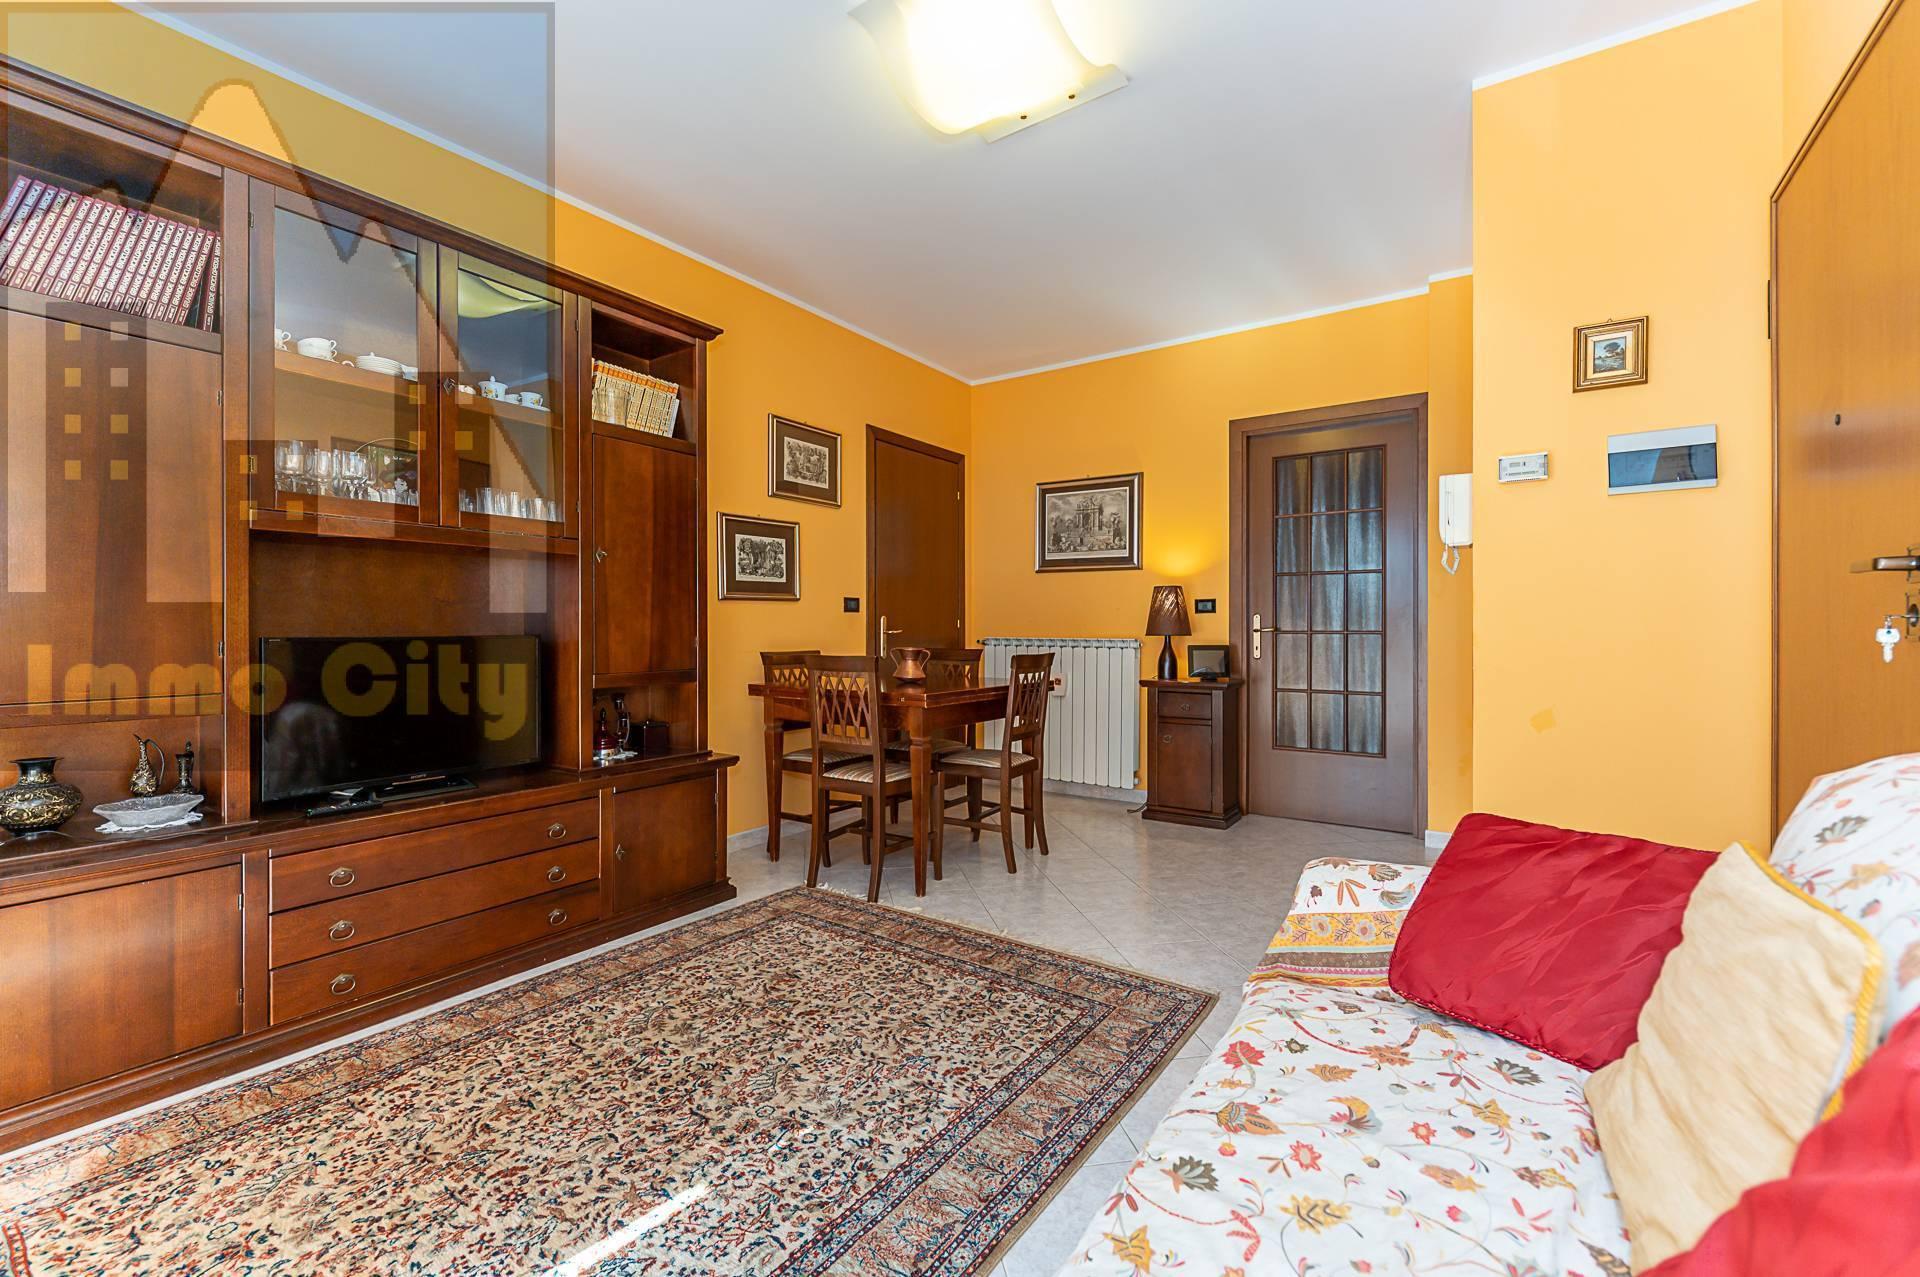 Appartamento in vendita a Collegno, 2 locali, zona Zona: Savonera, prezzo € 120.000   CambioCasa.it